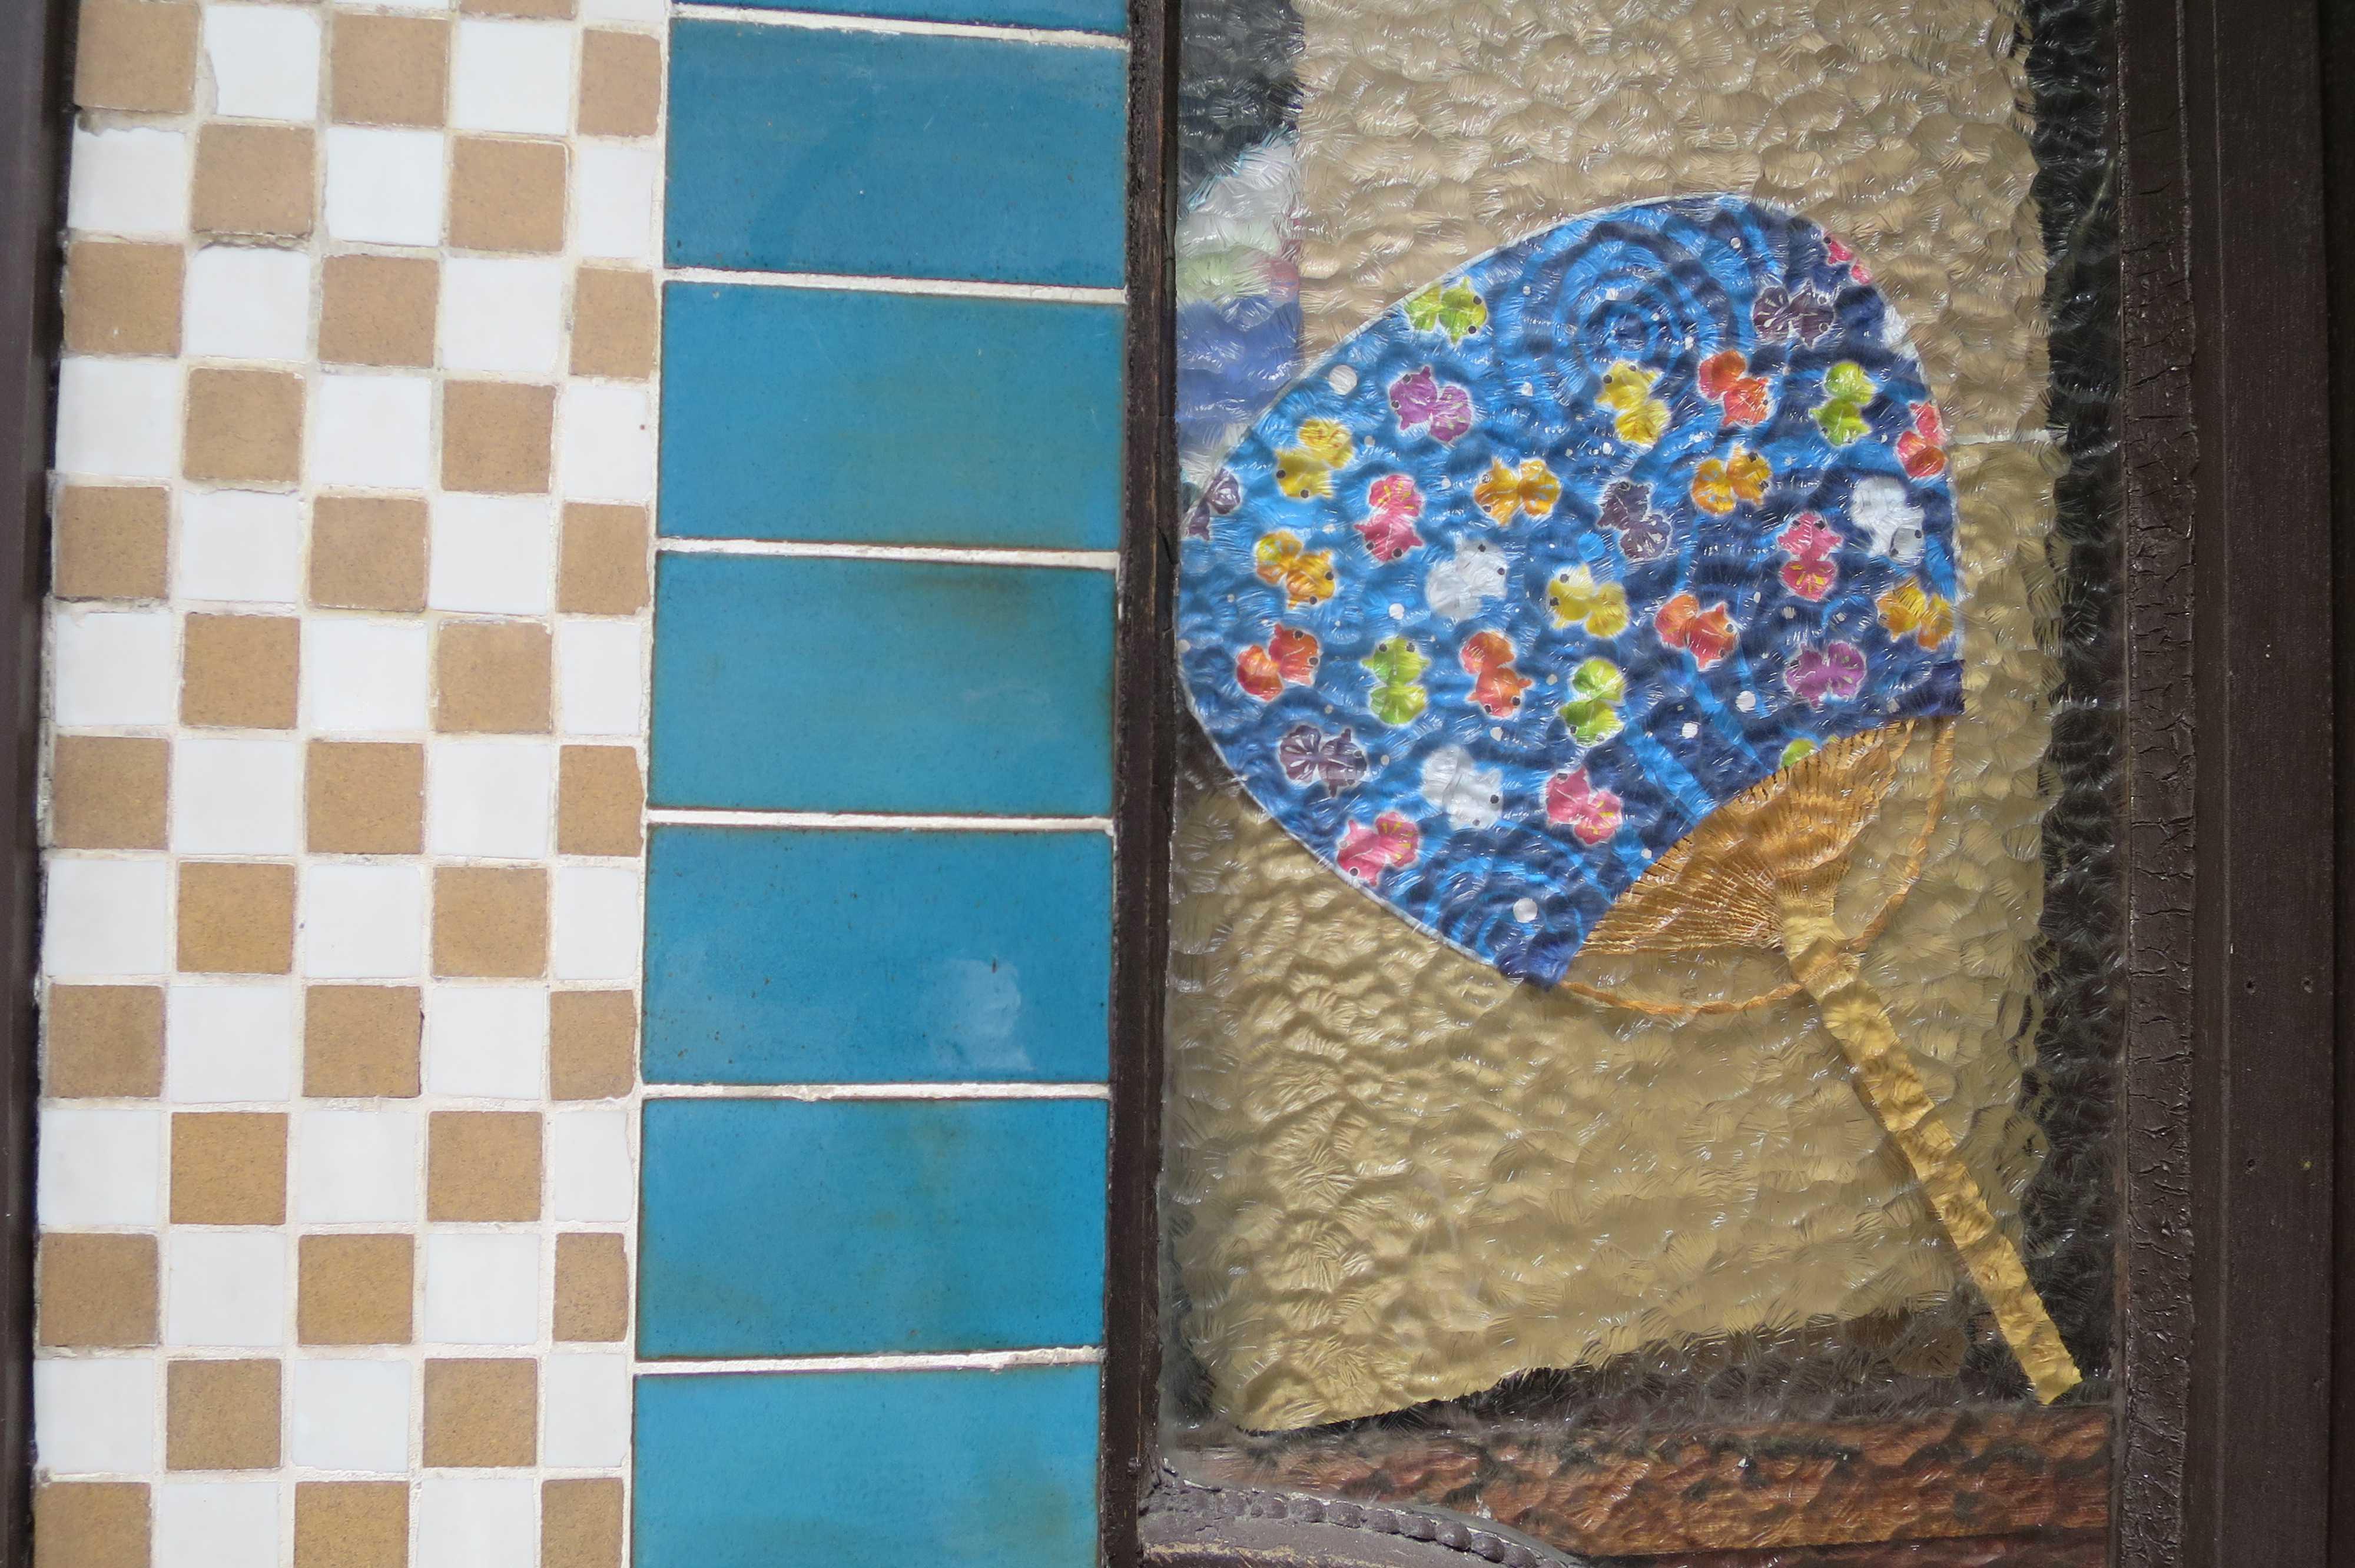 京都・五条楽園 - タイル張りの壁とくもりガラス(型板ガラス)越しのカラフルなうちわ